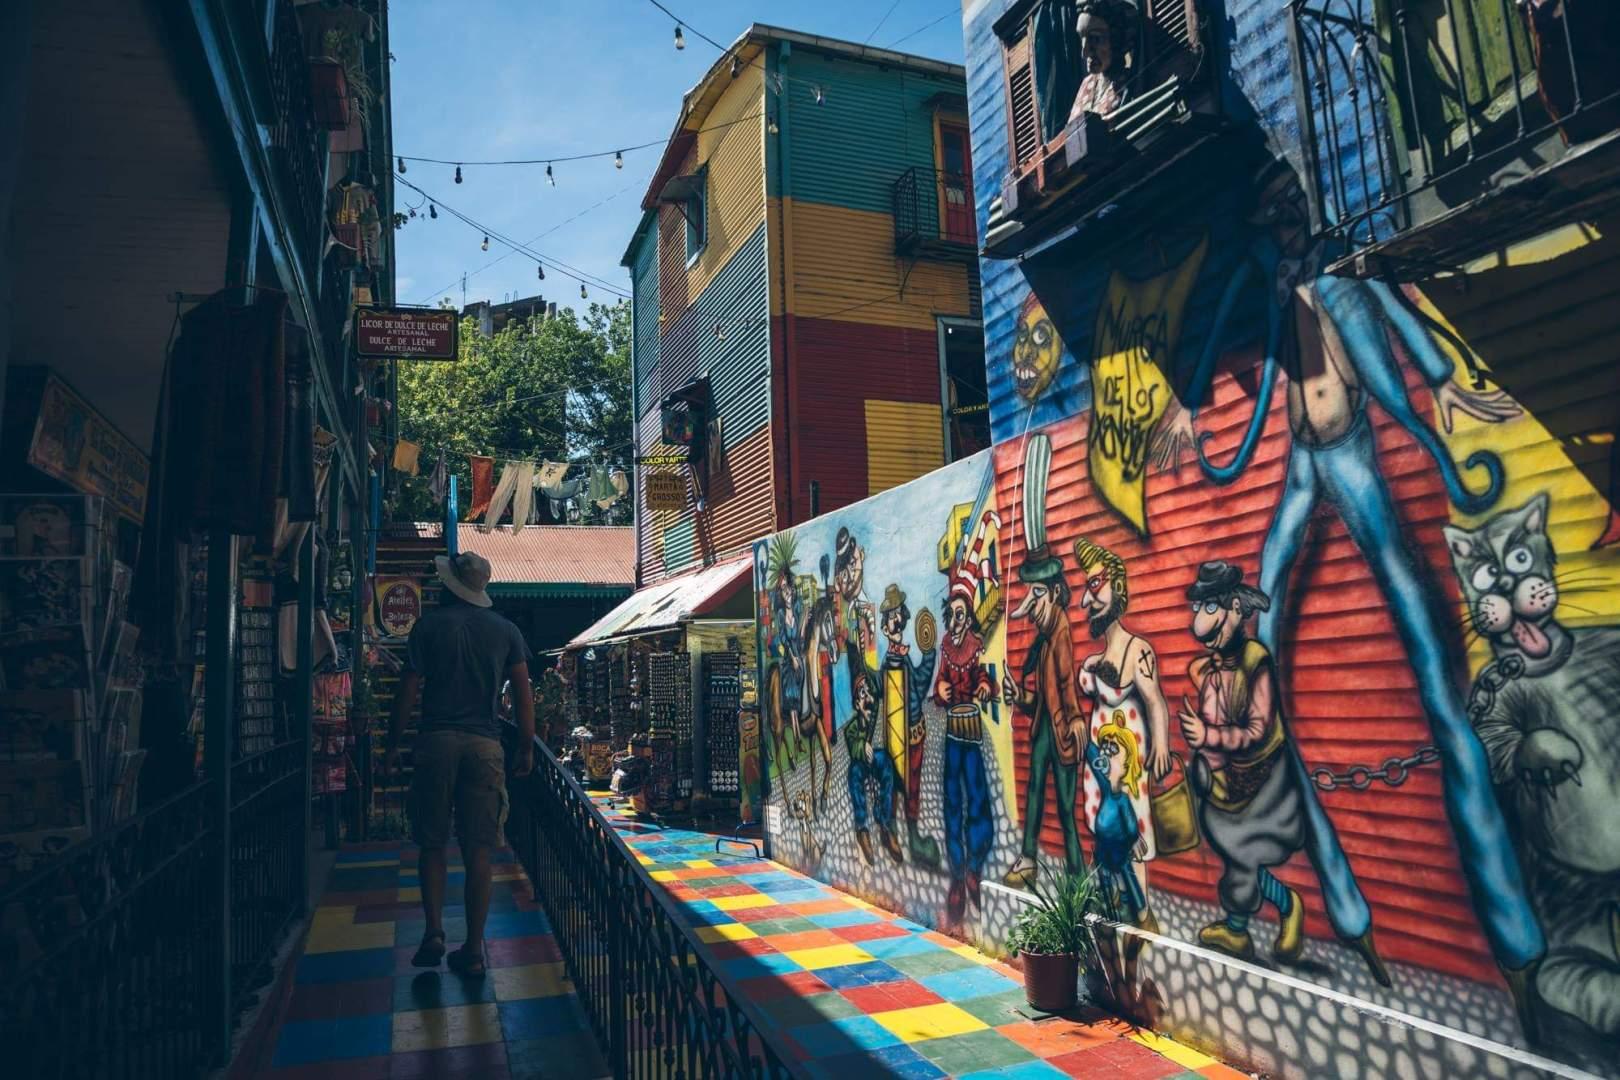 Certains quartiers de Buenos Aires sont très colorés